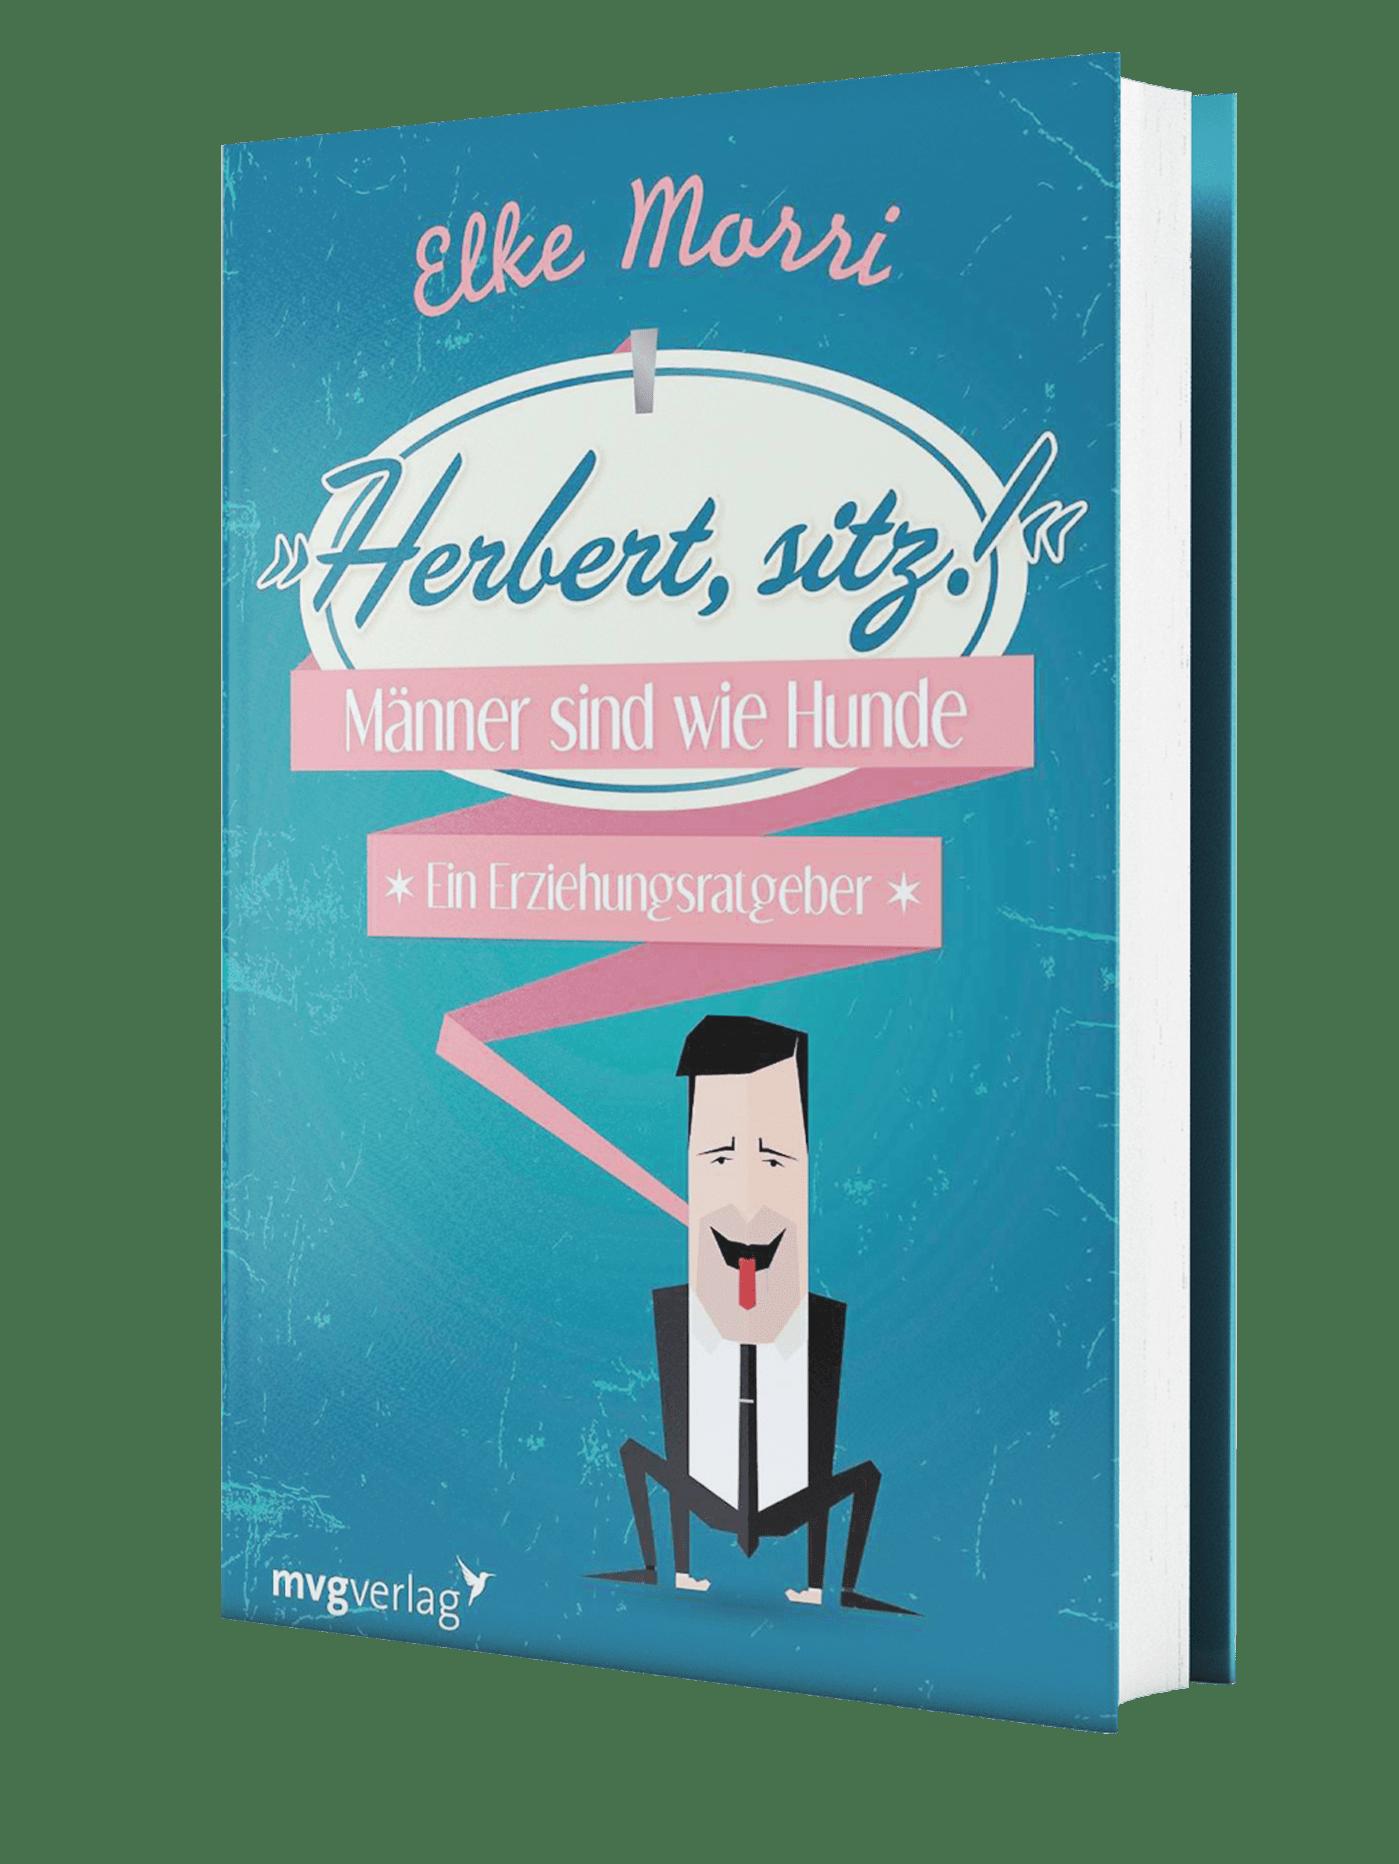 Herbert, sitz! von Elke Morri